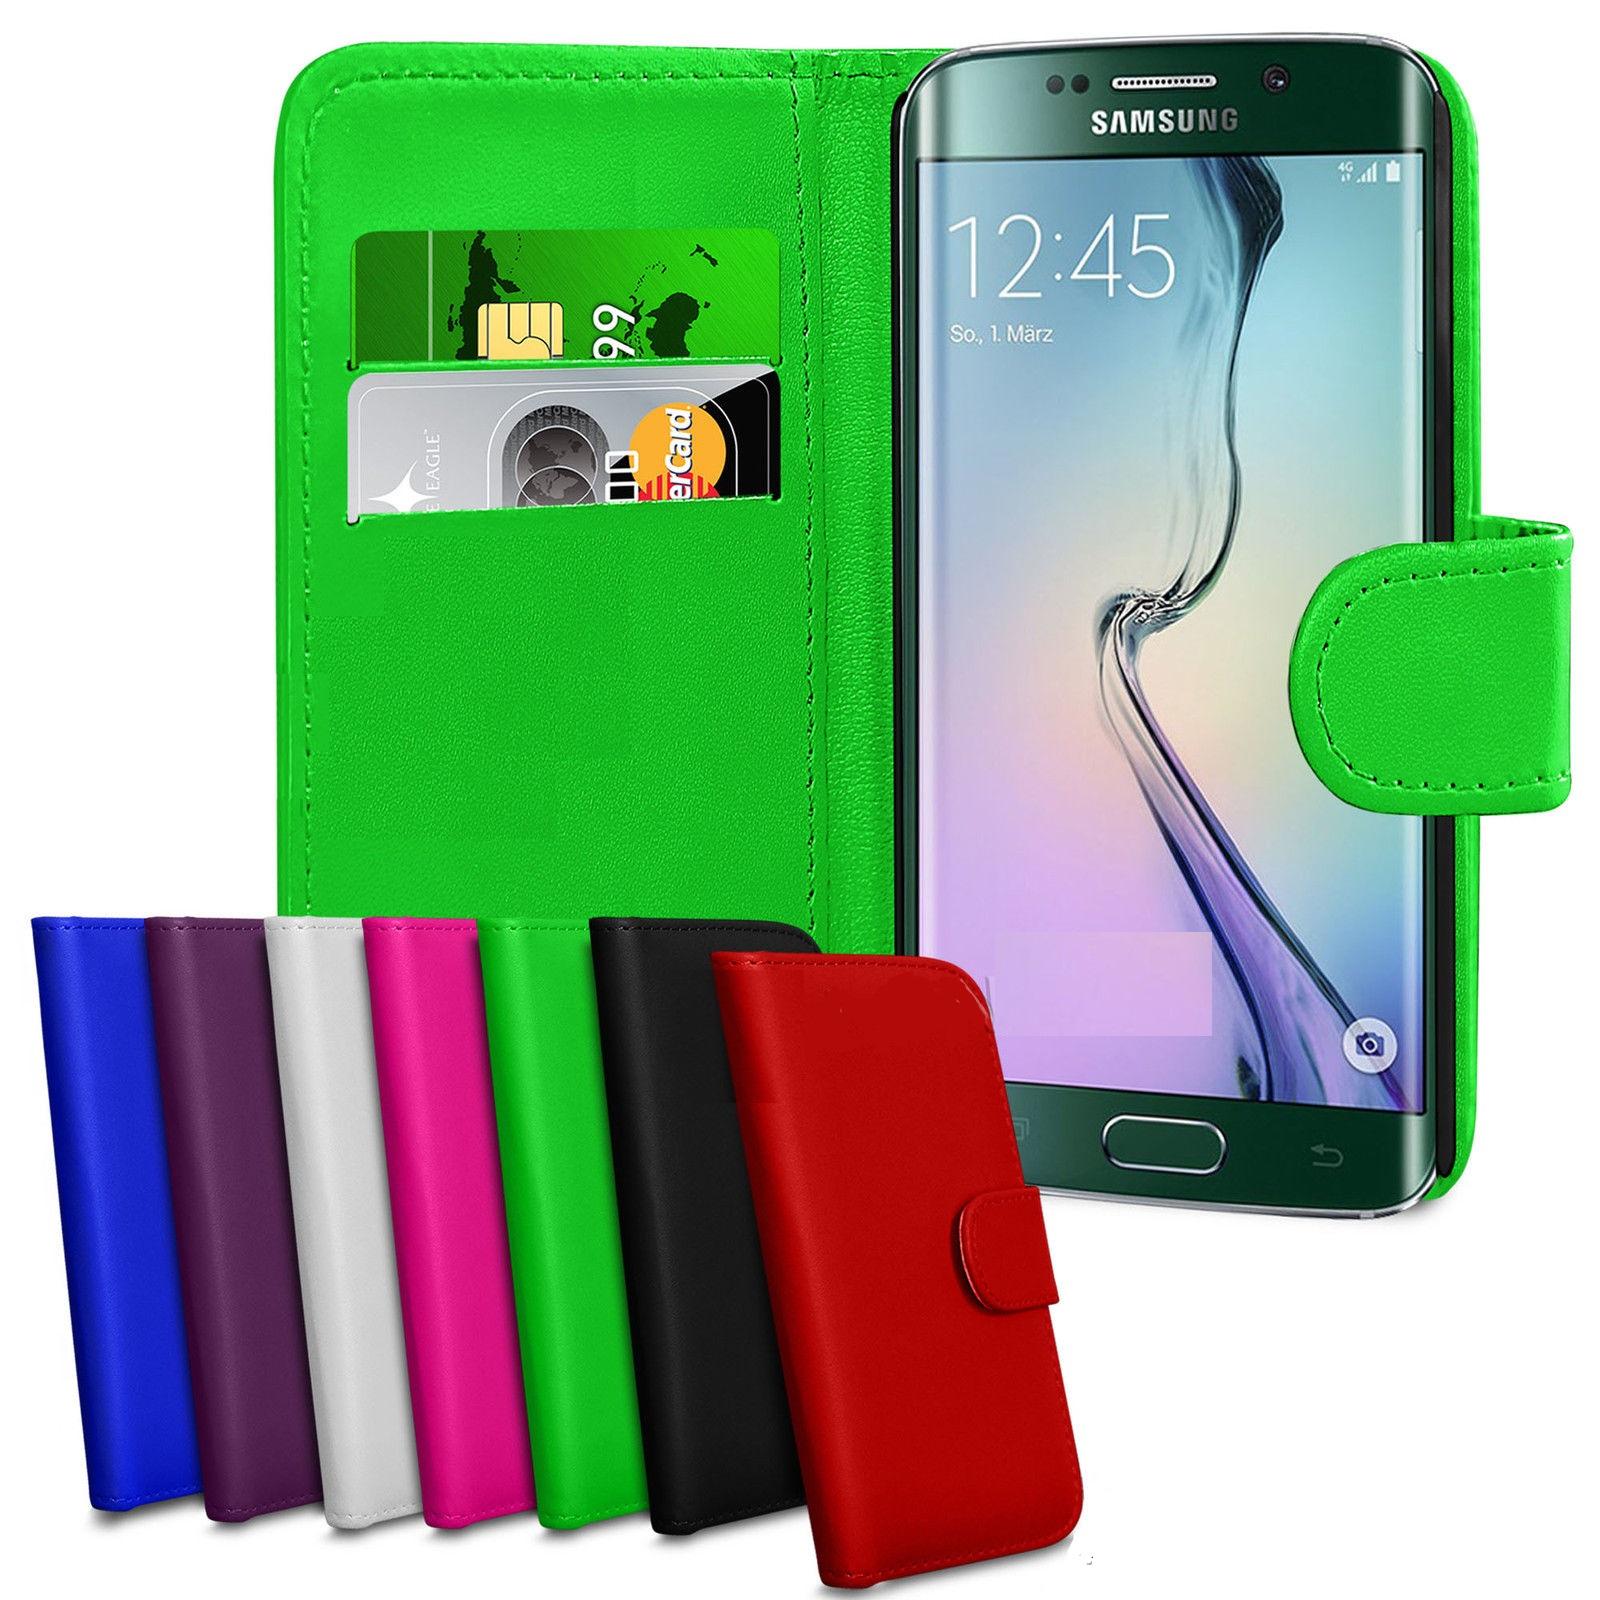 Kožený obal Samsung Galaxy S6 Edge + fólia (knižný) b354293e16b